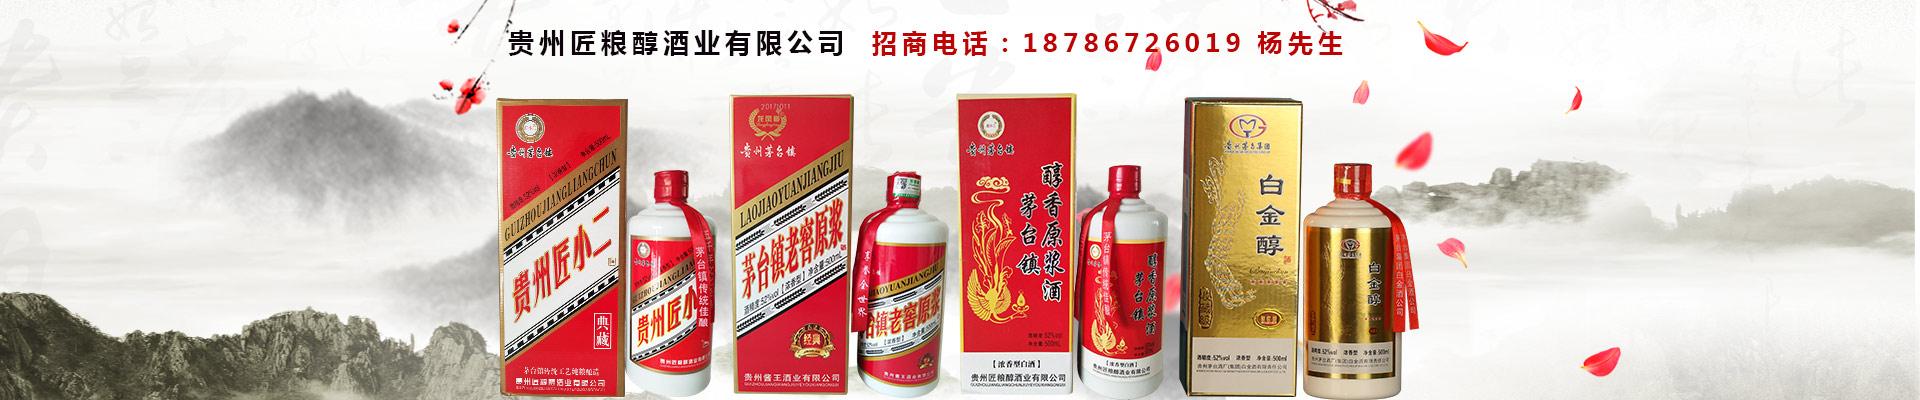 贵州匠粮醇酒业有限公司